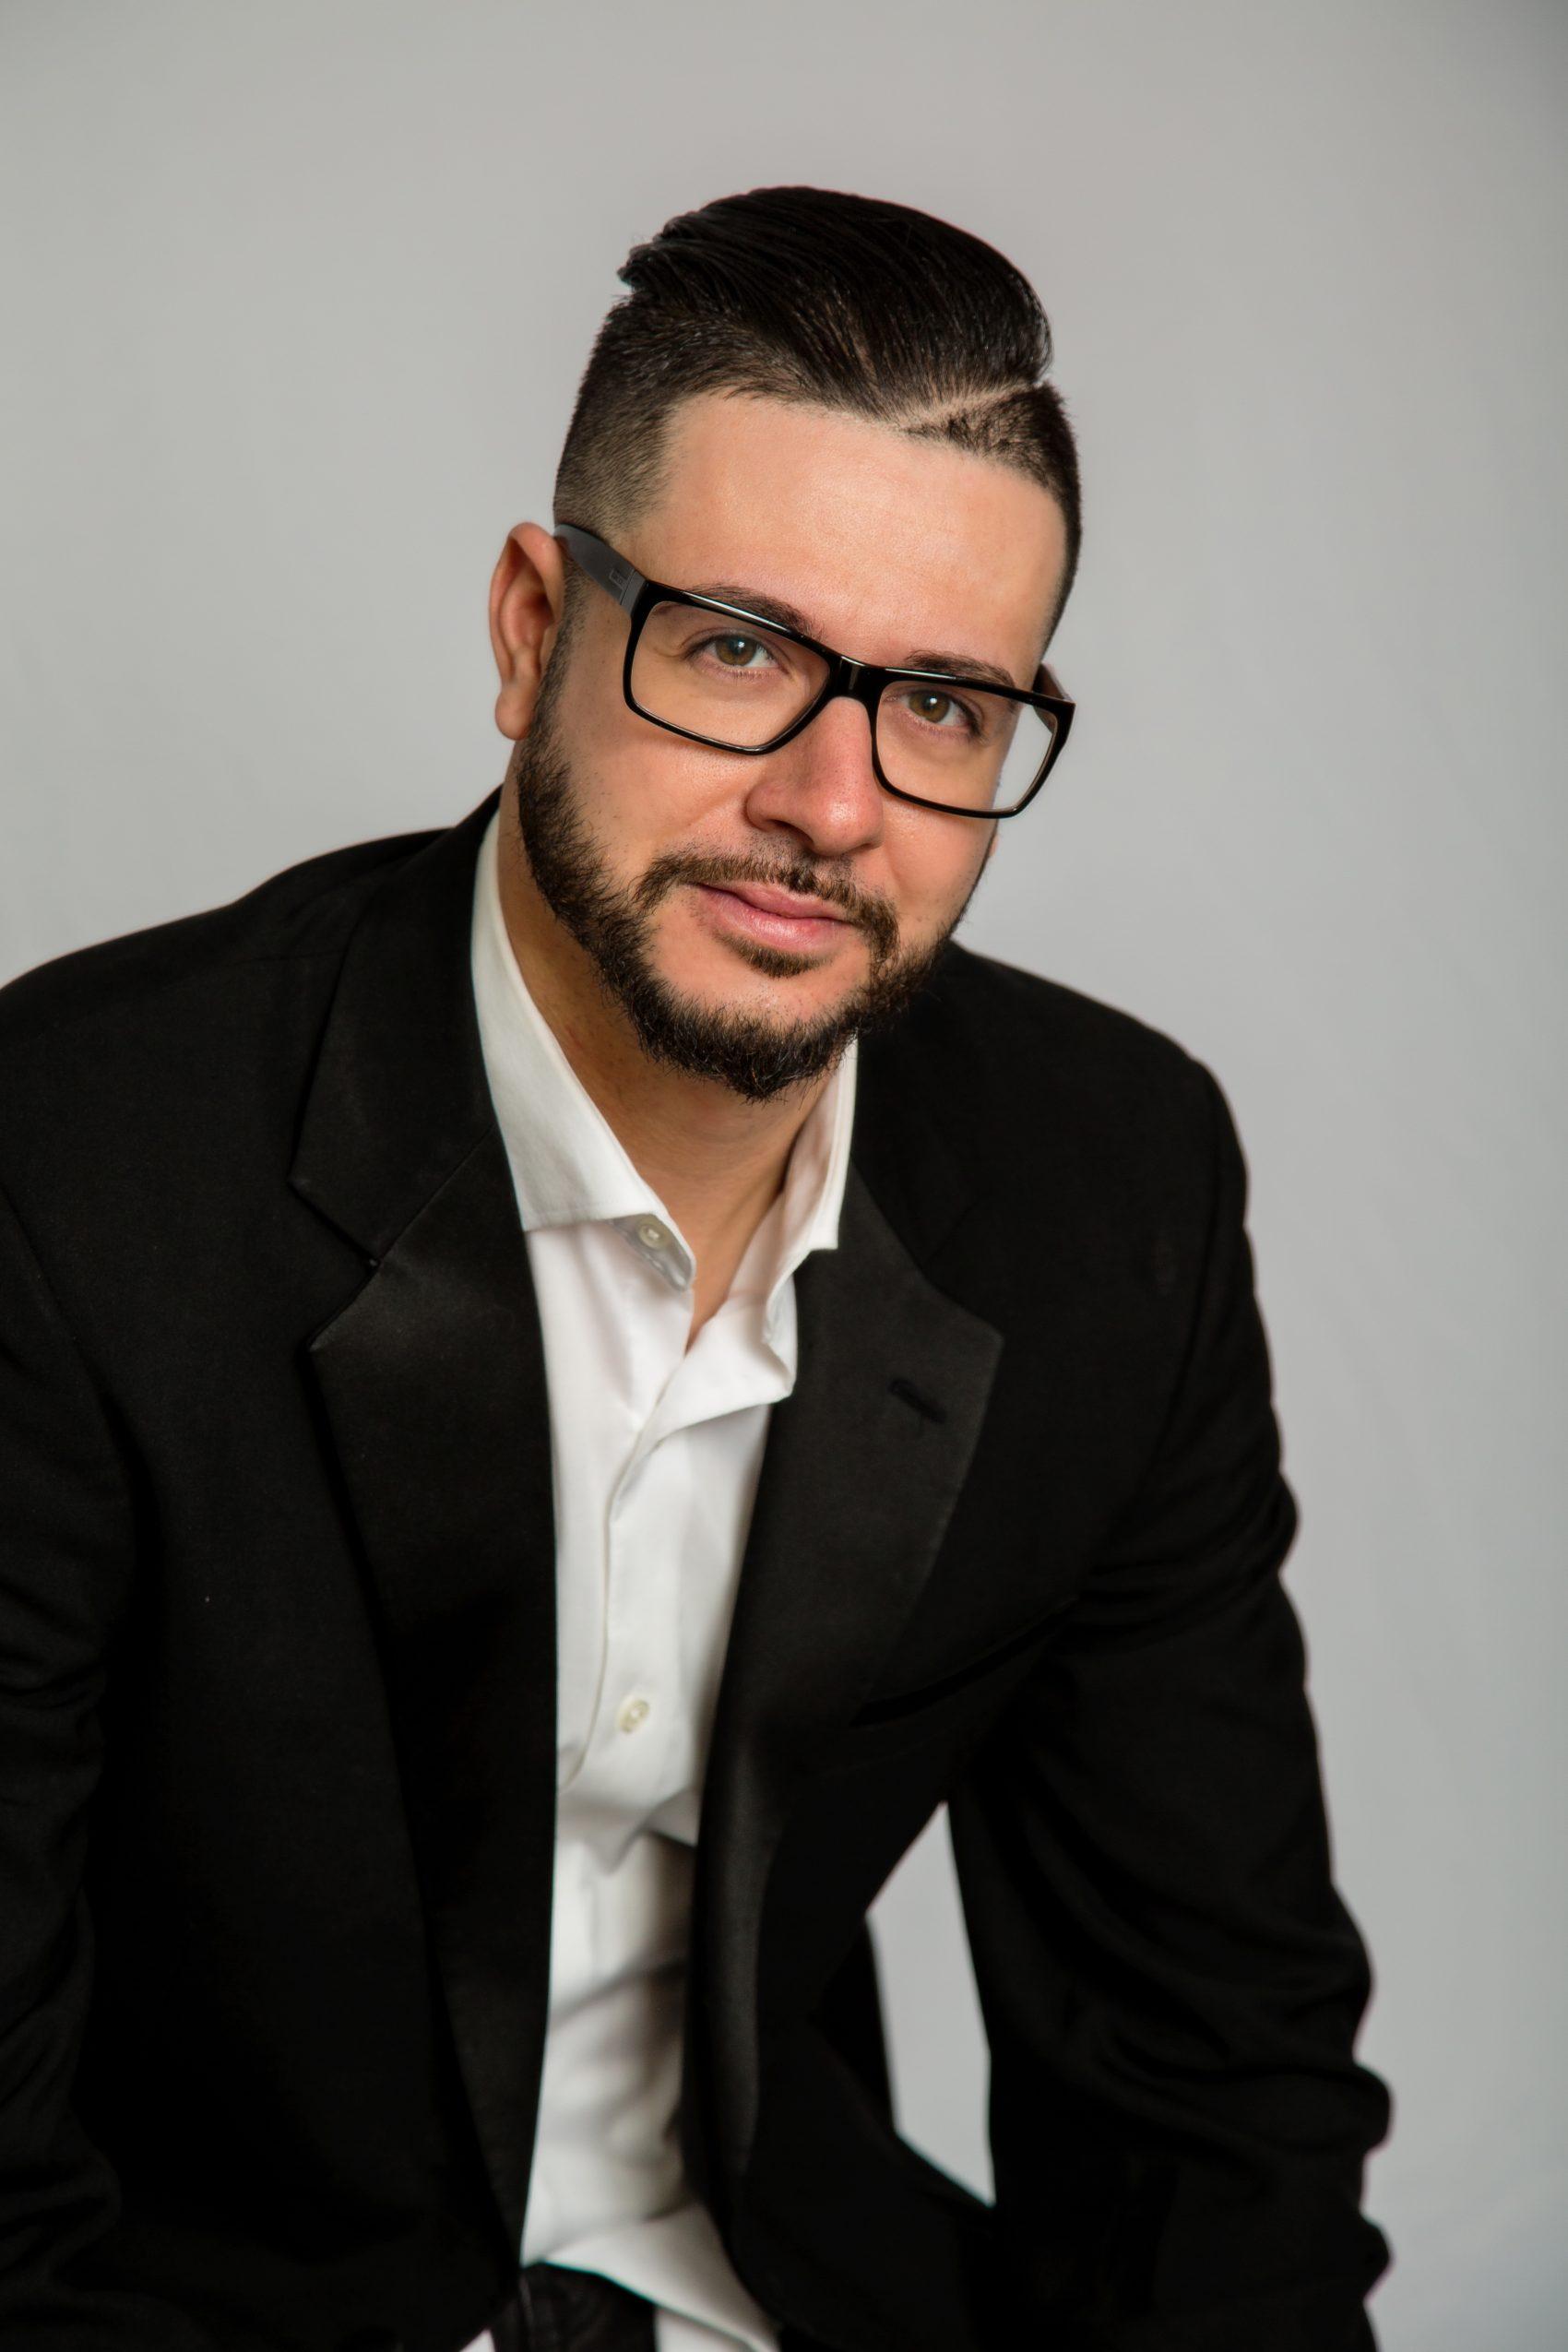 Vinny Curcio